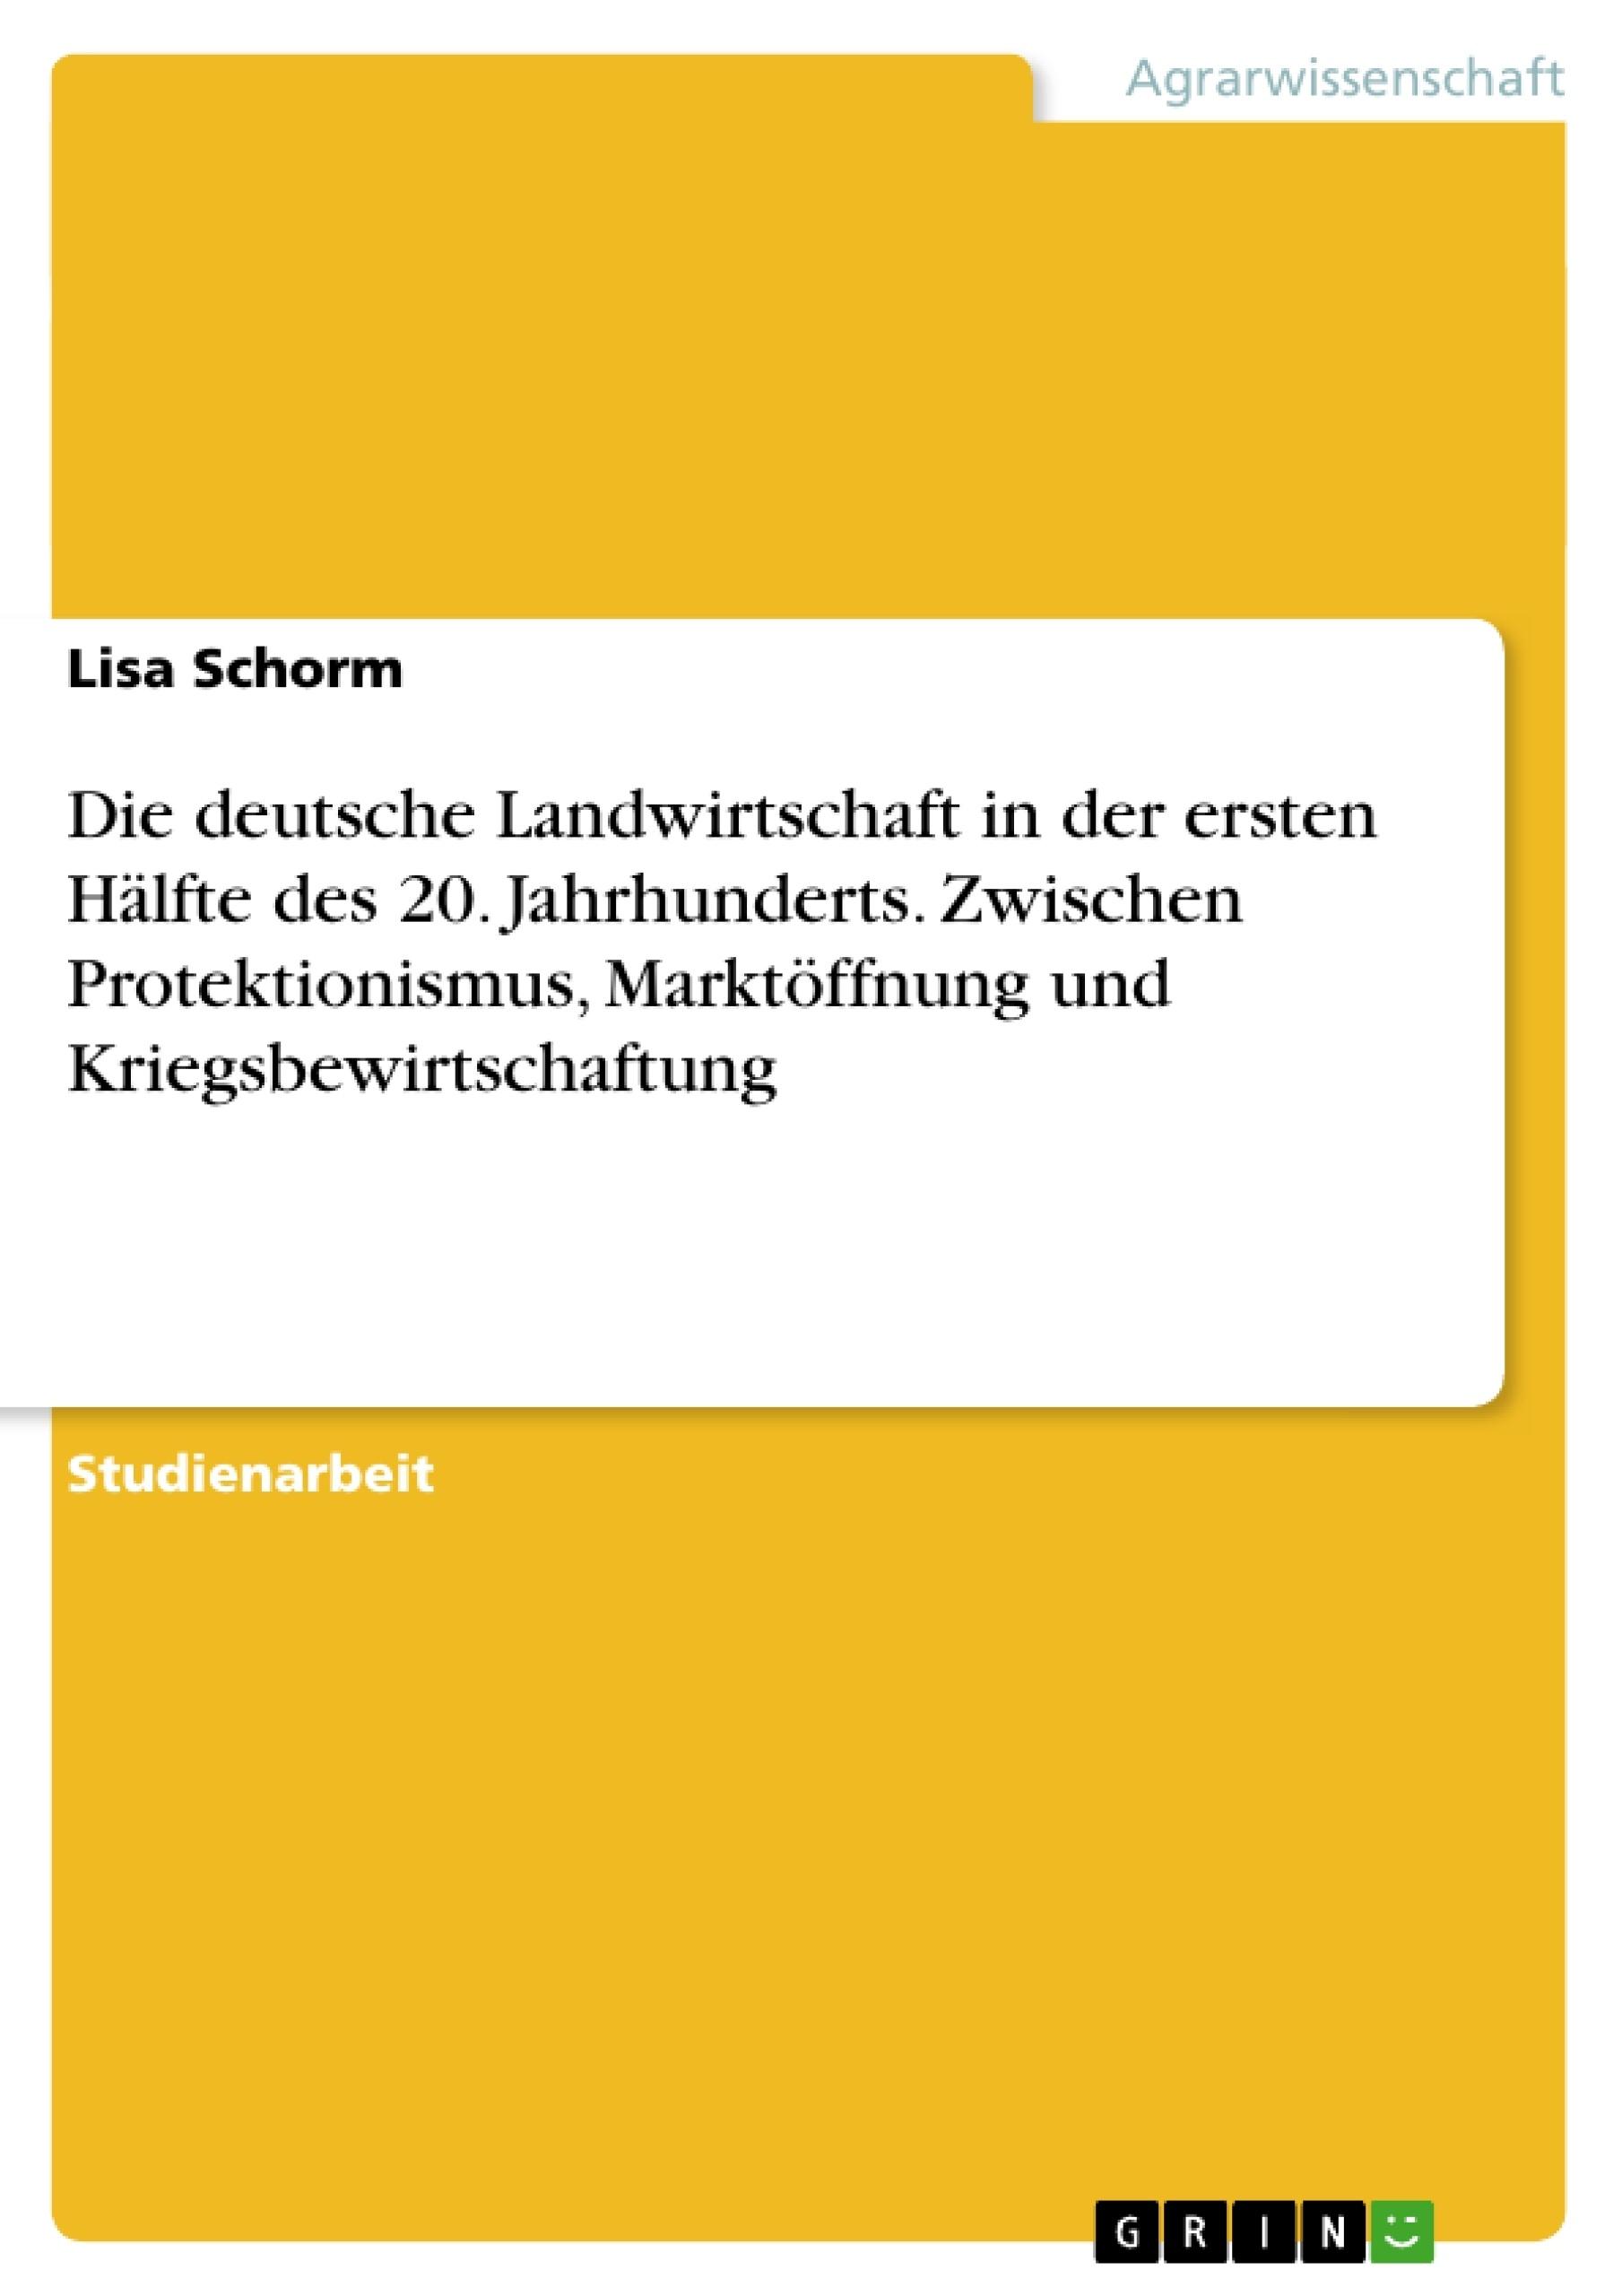 Titel: Die deutsche Landwirtschaft in der ersten Hälfte des 20. Jahrhunderts. Zwischen Protektionismus, Marktöffnung und Kriegsbewirtschaftung